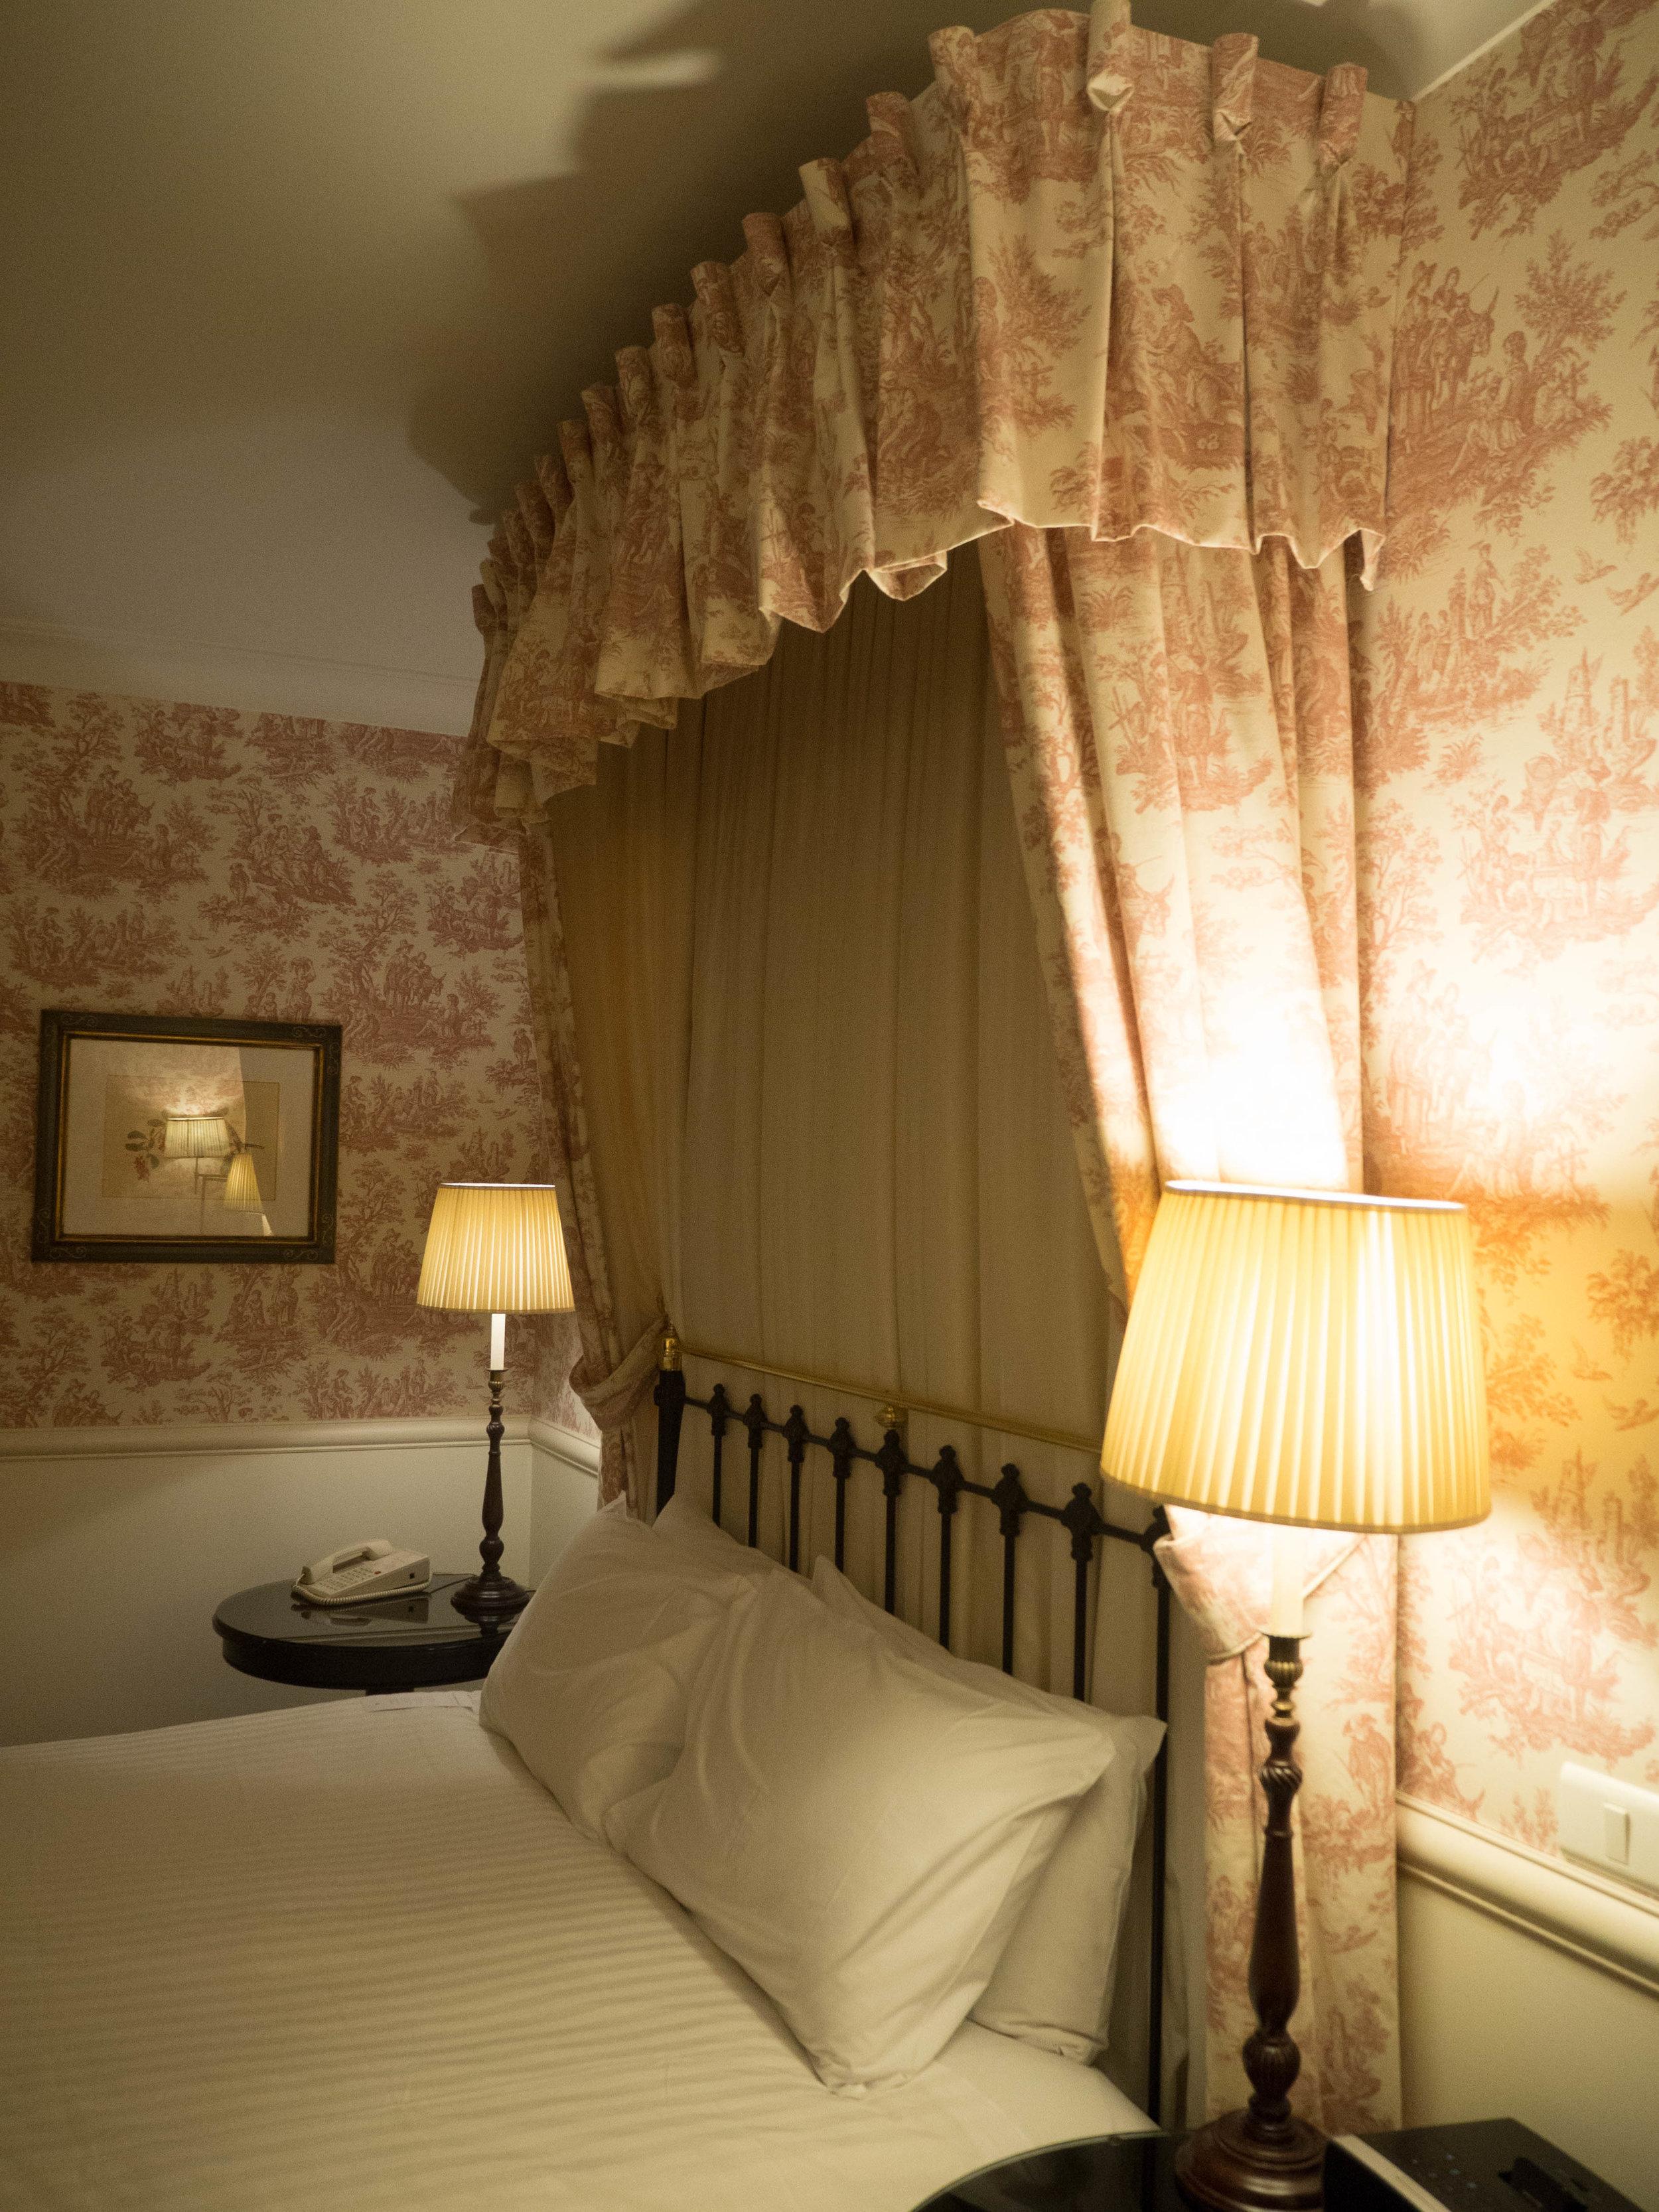 Mum's Room at Lilianfels